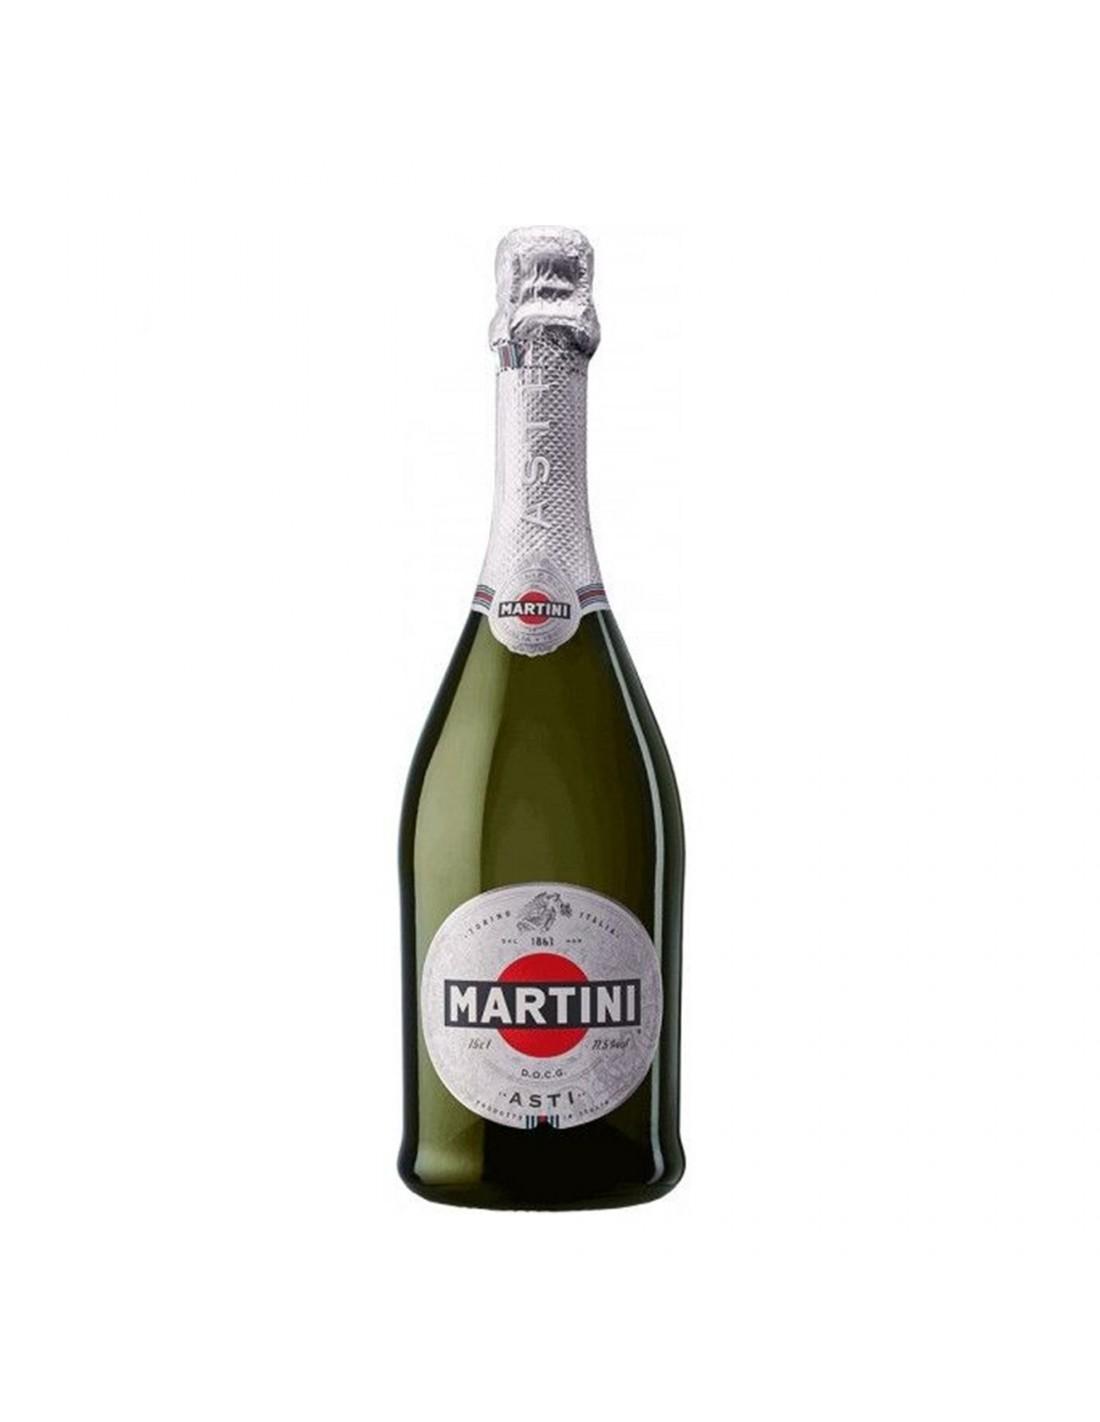 Vin spumos prosecco alb demidulce, Martini Veneto, 0.75L, 7.50% alc., Italia